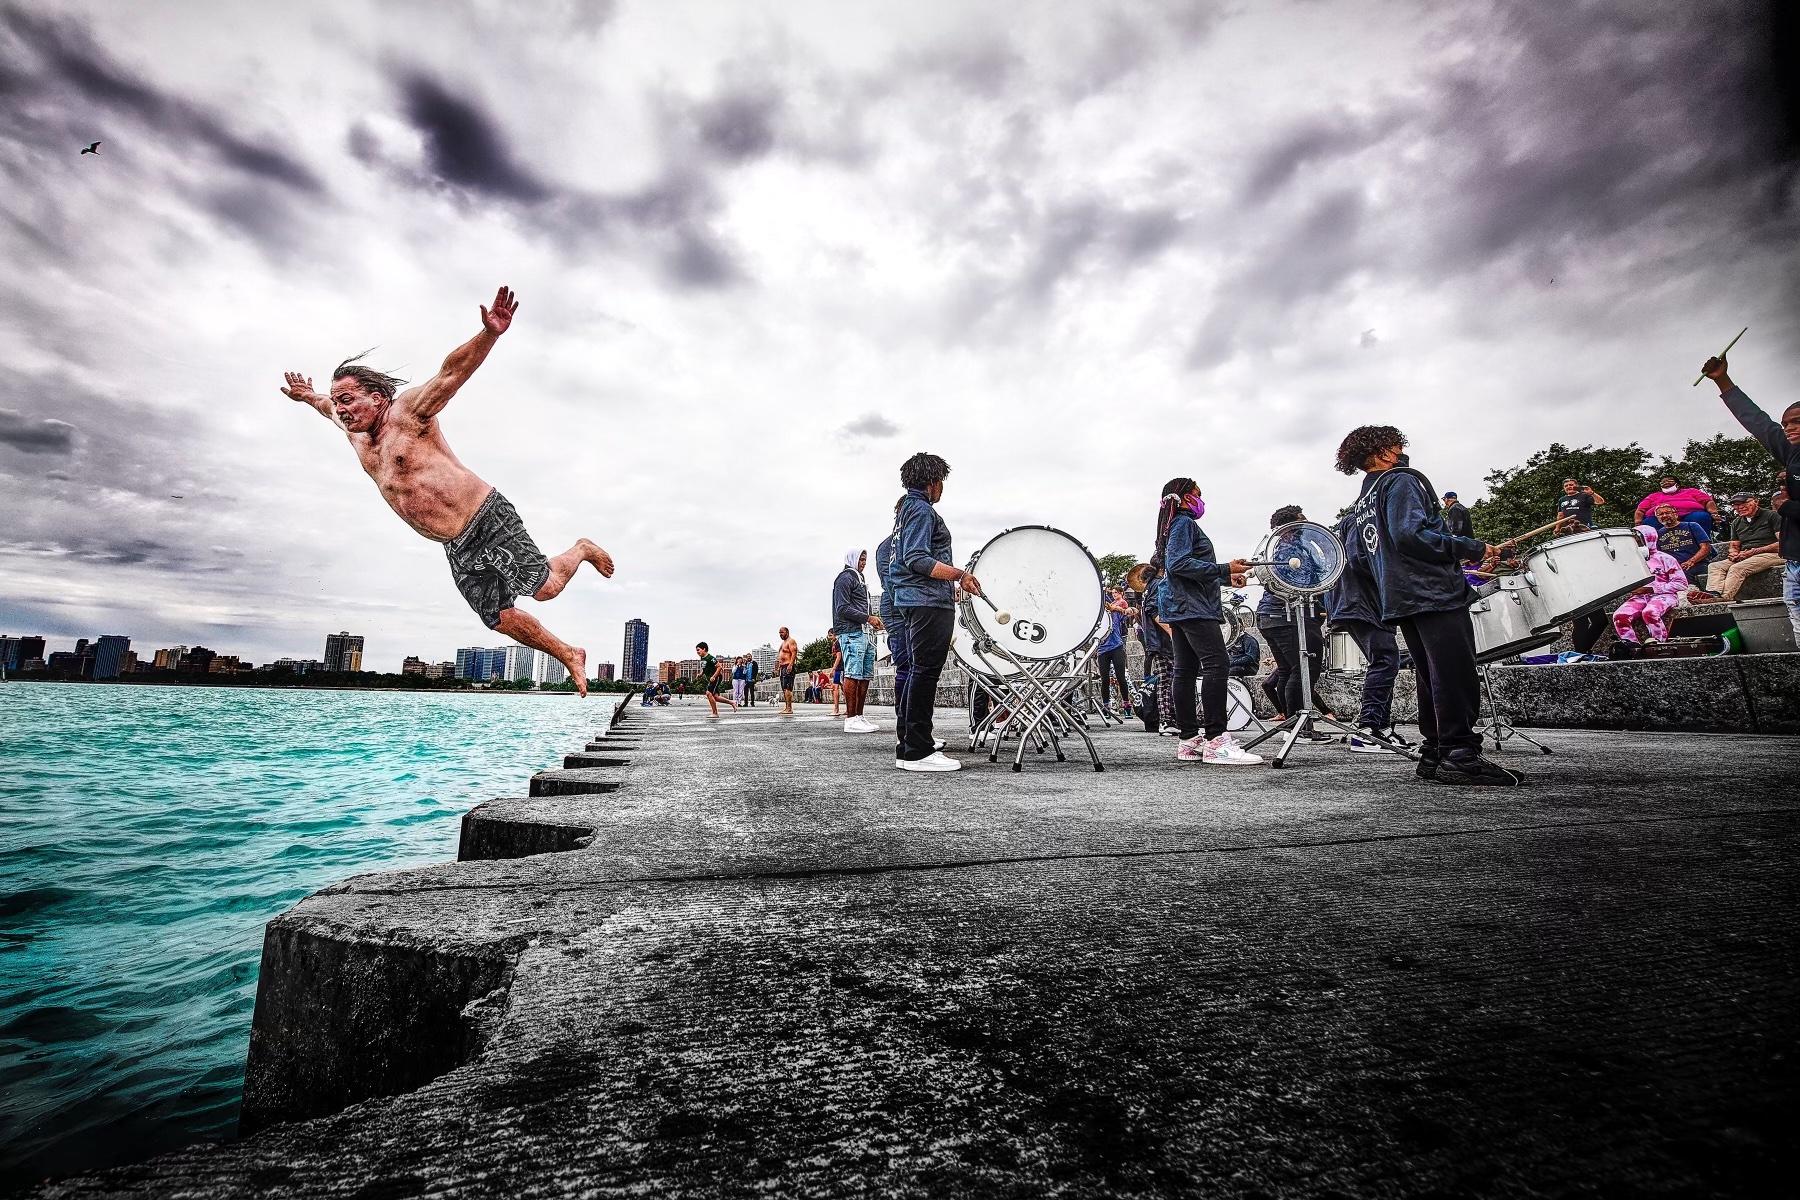 કોરોના મહામારીમાં સ્ટ્રેસમાંથી હાશકારો મેળવવા બસ ડ્રાઈવરે સતત 365 દિવસ તળાવમાં છલાંગ મારી|લાઇફસ્ટાઇલ,Lifestyle - Divya Bhaskar